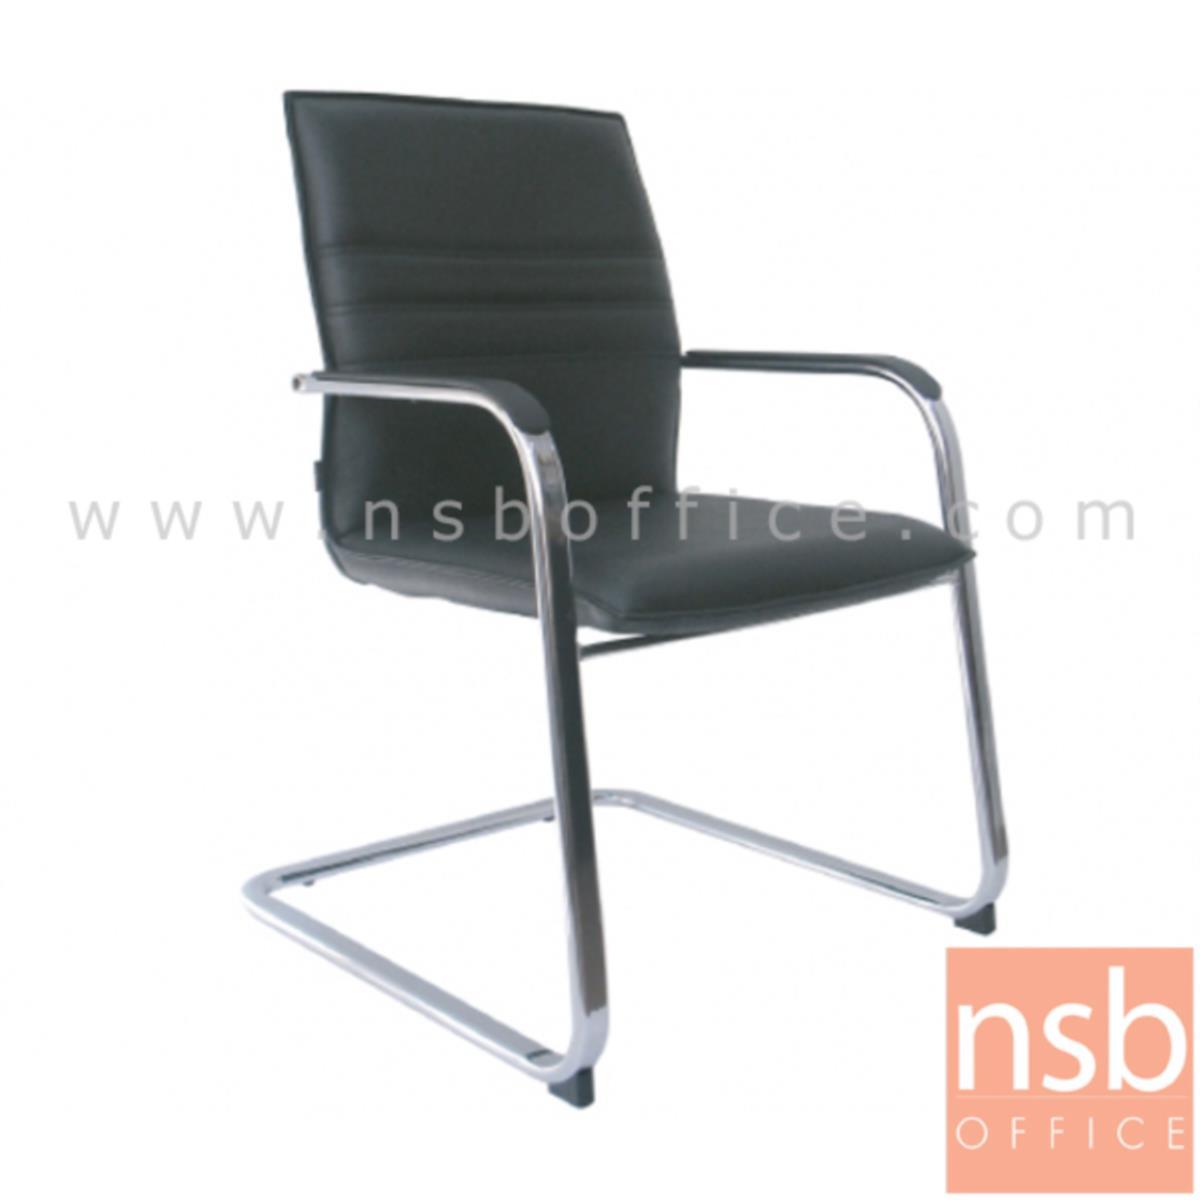 เก้าอี้รับแขกขาตัวซี รุ่น Electro (อีเล็คโตร) ขาเหล็ก